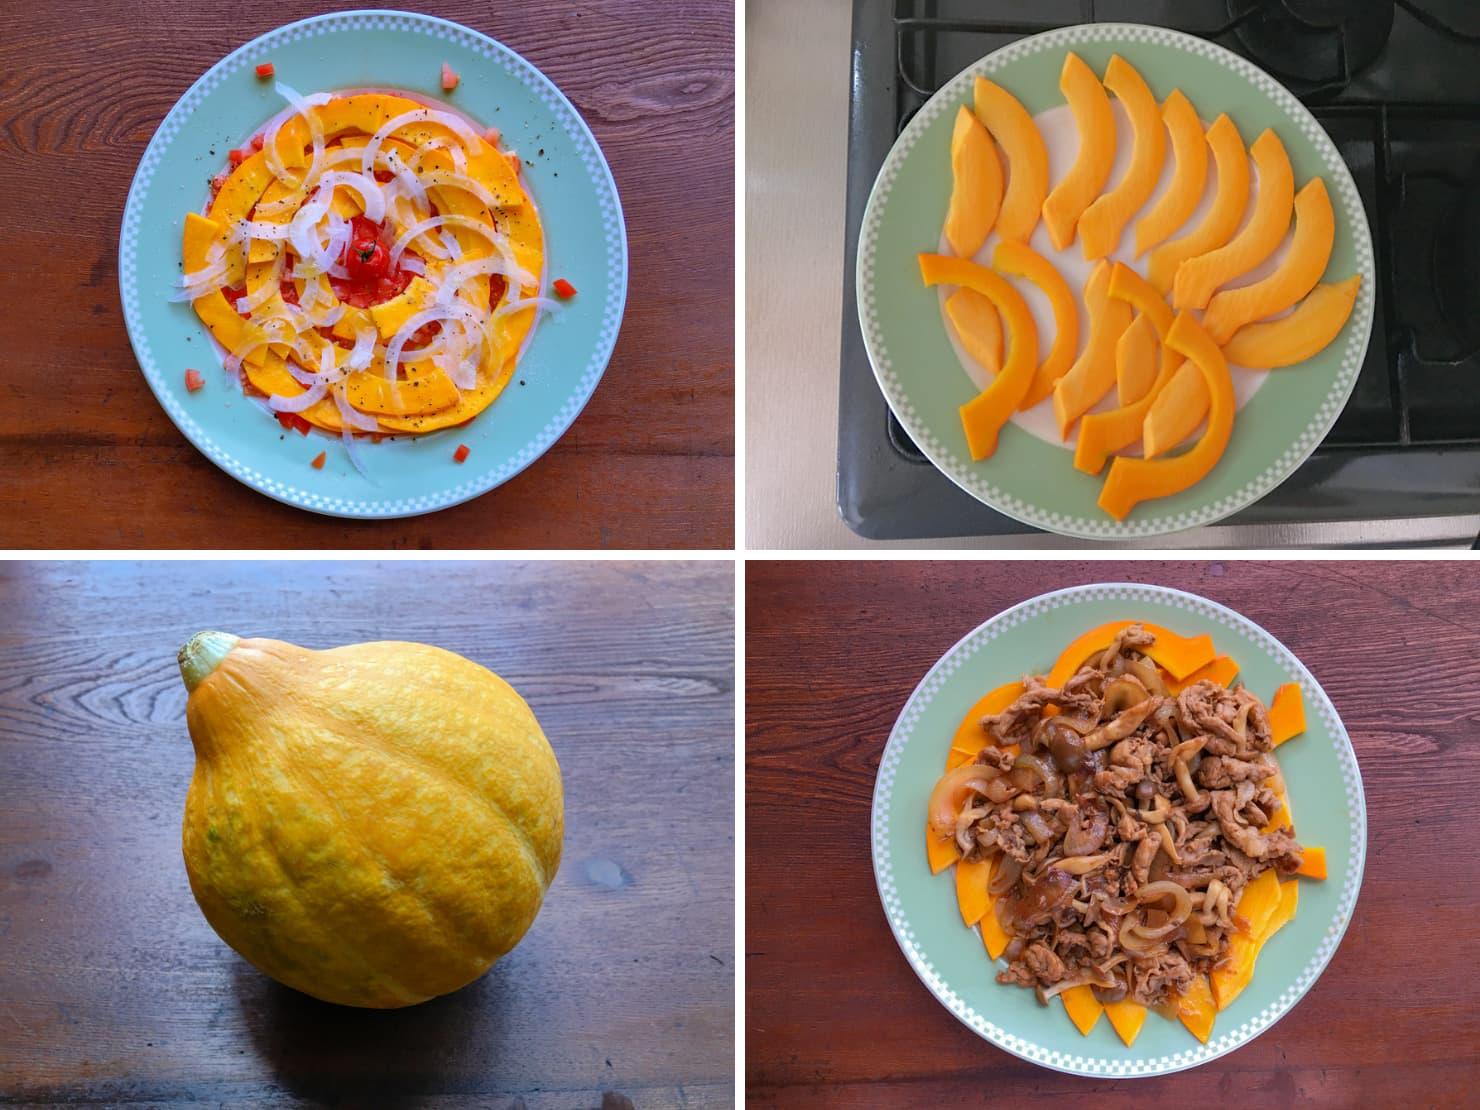 コリンキーのサラダ2種の写真